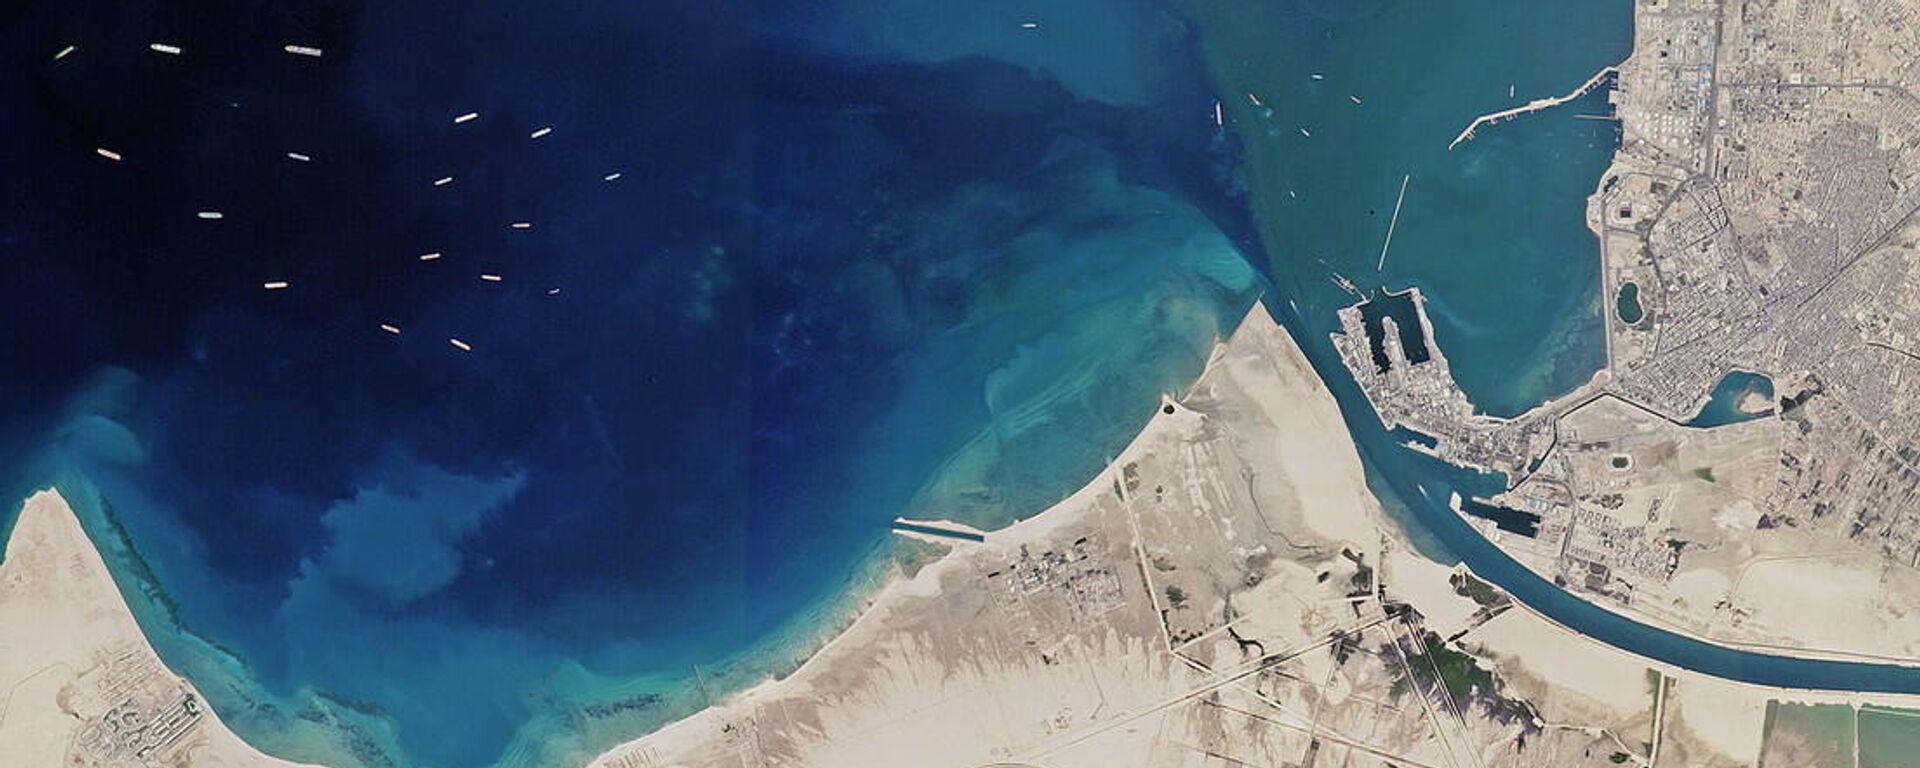 El atasco de buques alrededor del Canal de Suez visto desde el espacio - Sputnik Mundo, 1920, 26.03.2021